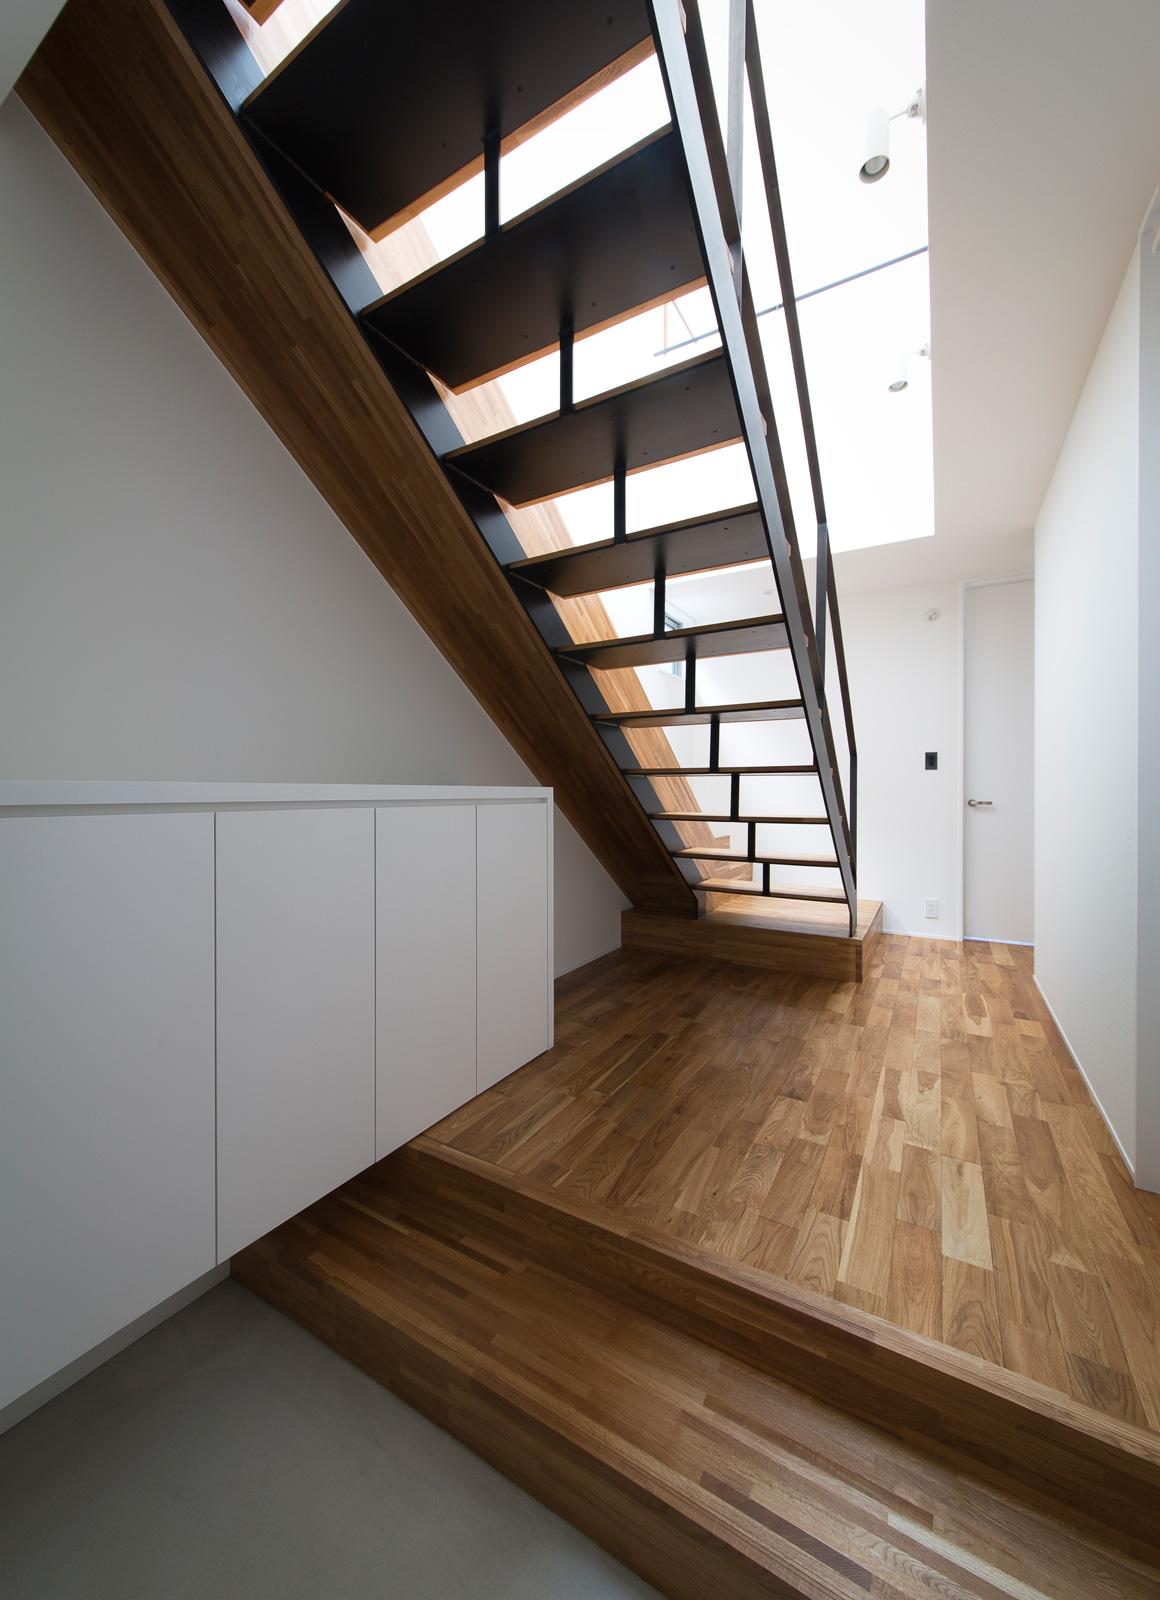 スライダーハウスの階段2